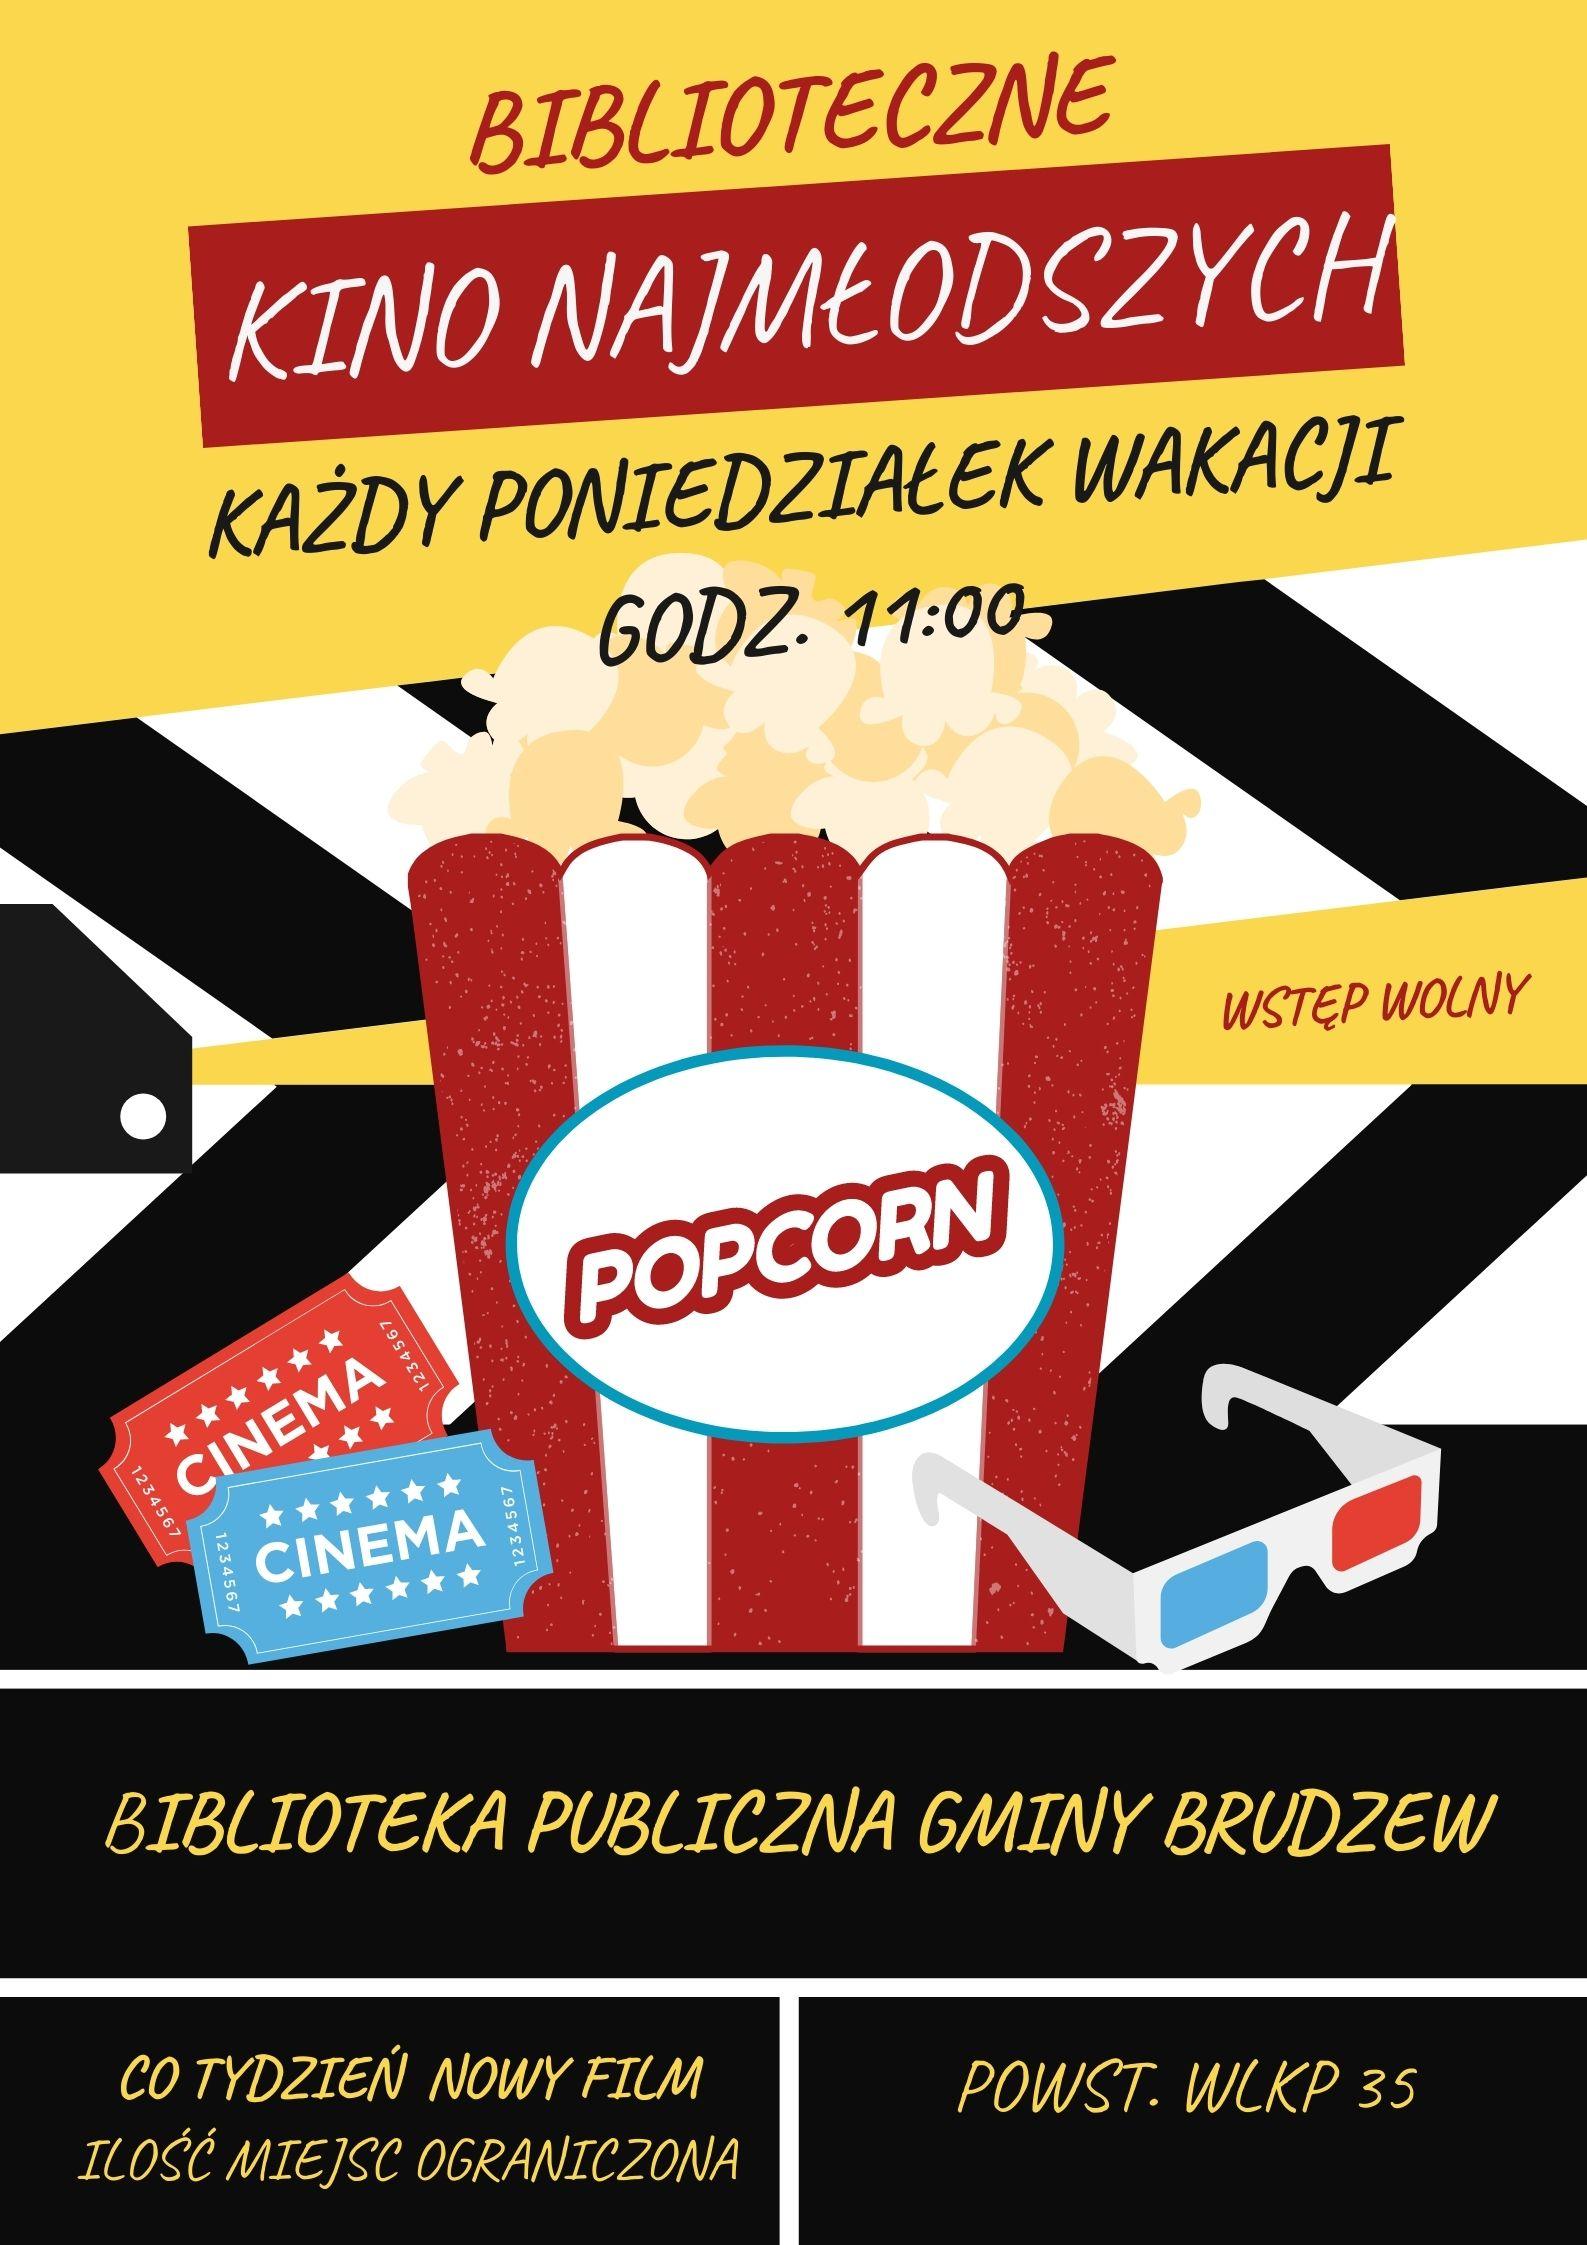 zdjęcie - Biblioteczne Kino Najmłodszych